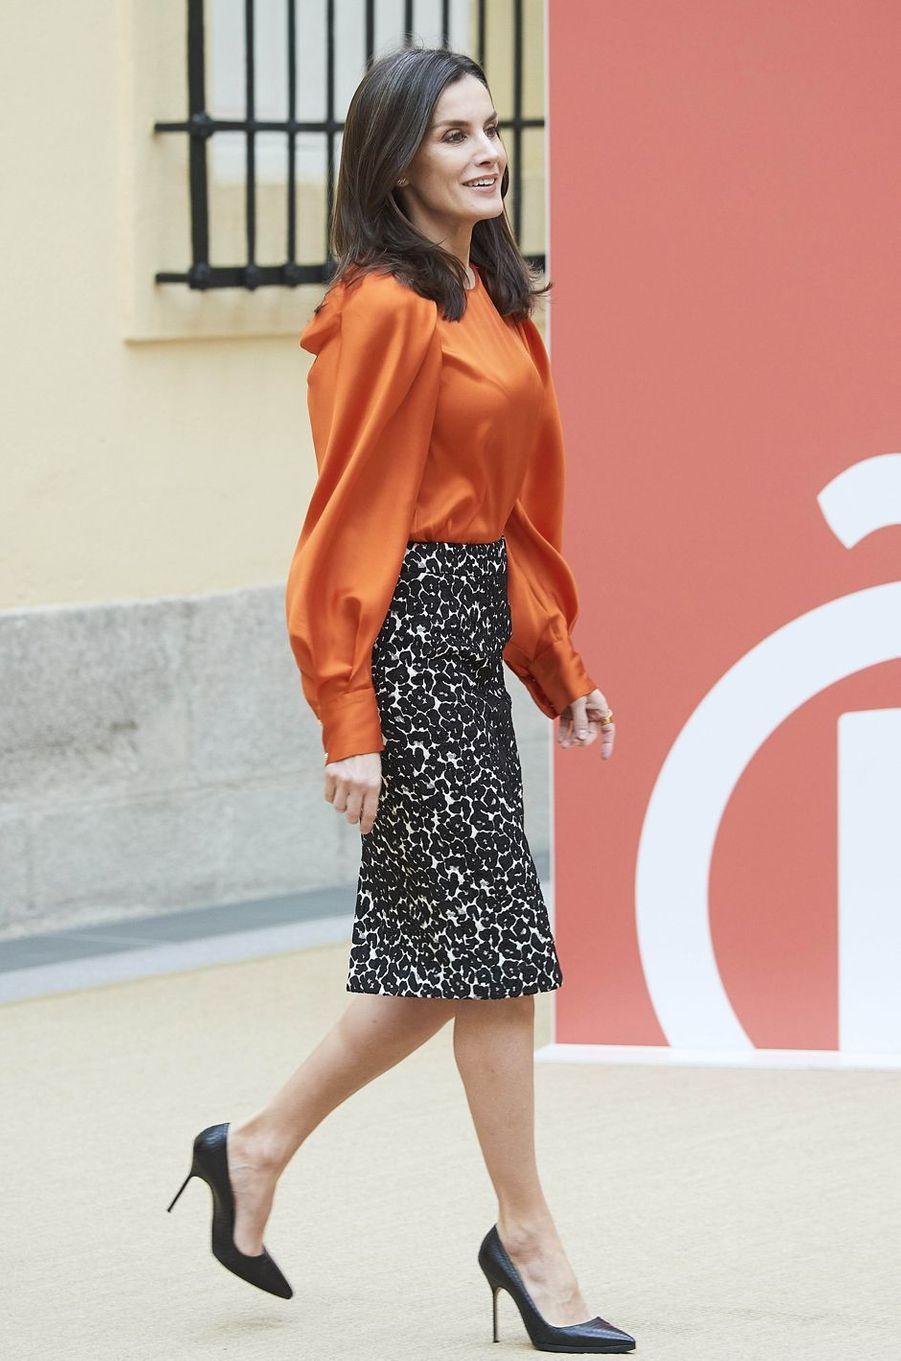 La reine Letizia d'Espagne, dans une nouvelle blouse Zara, à Madrid le 3 mars 2020